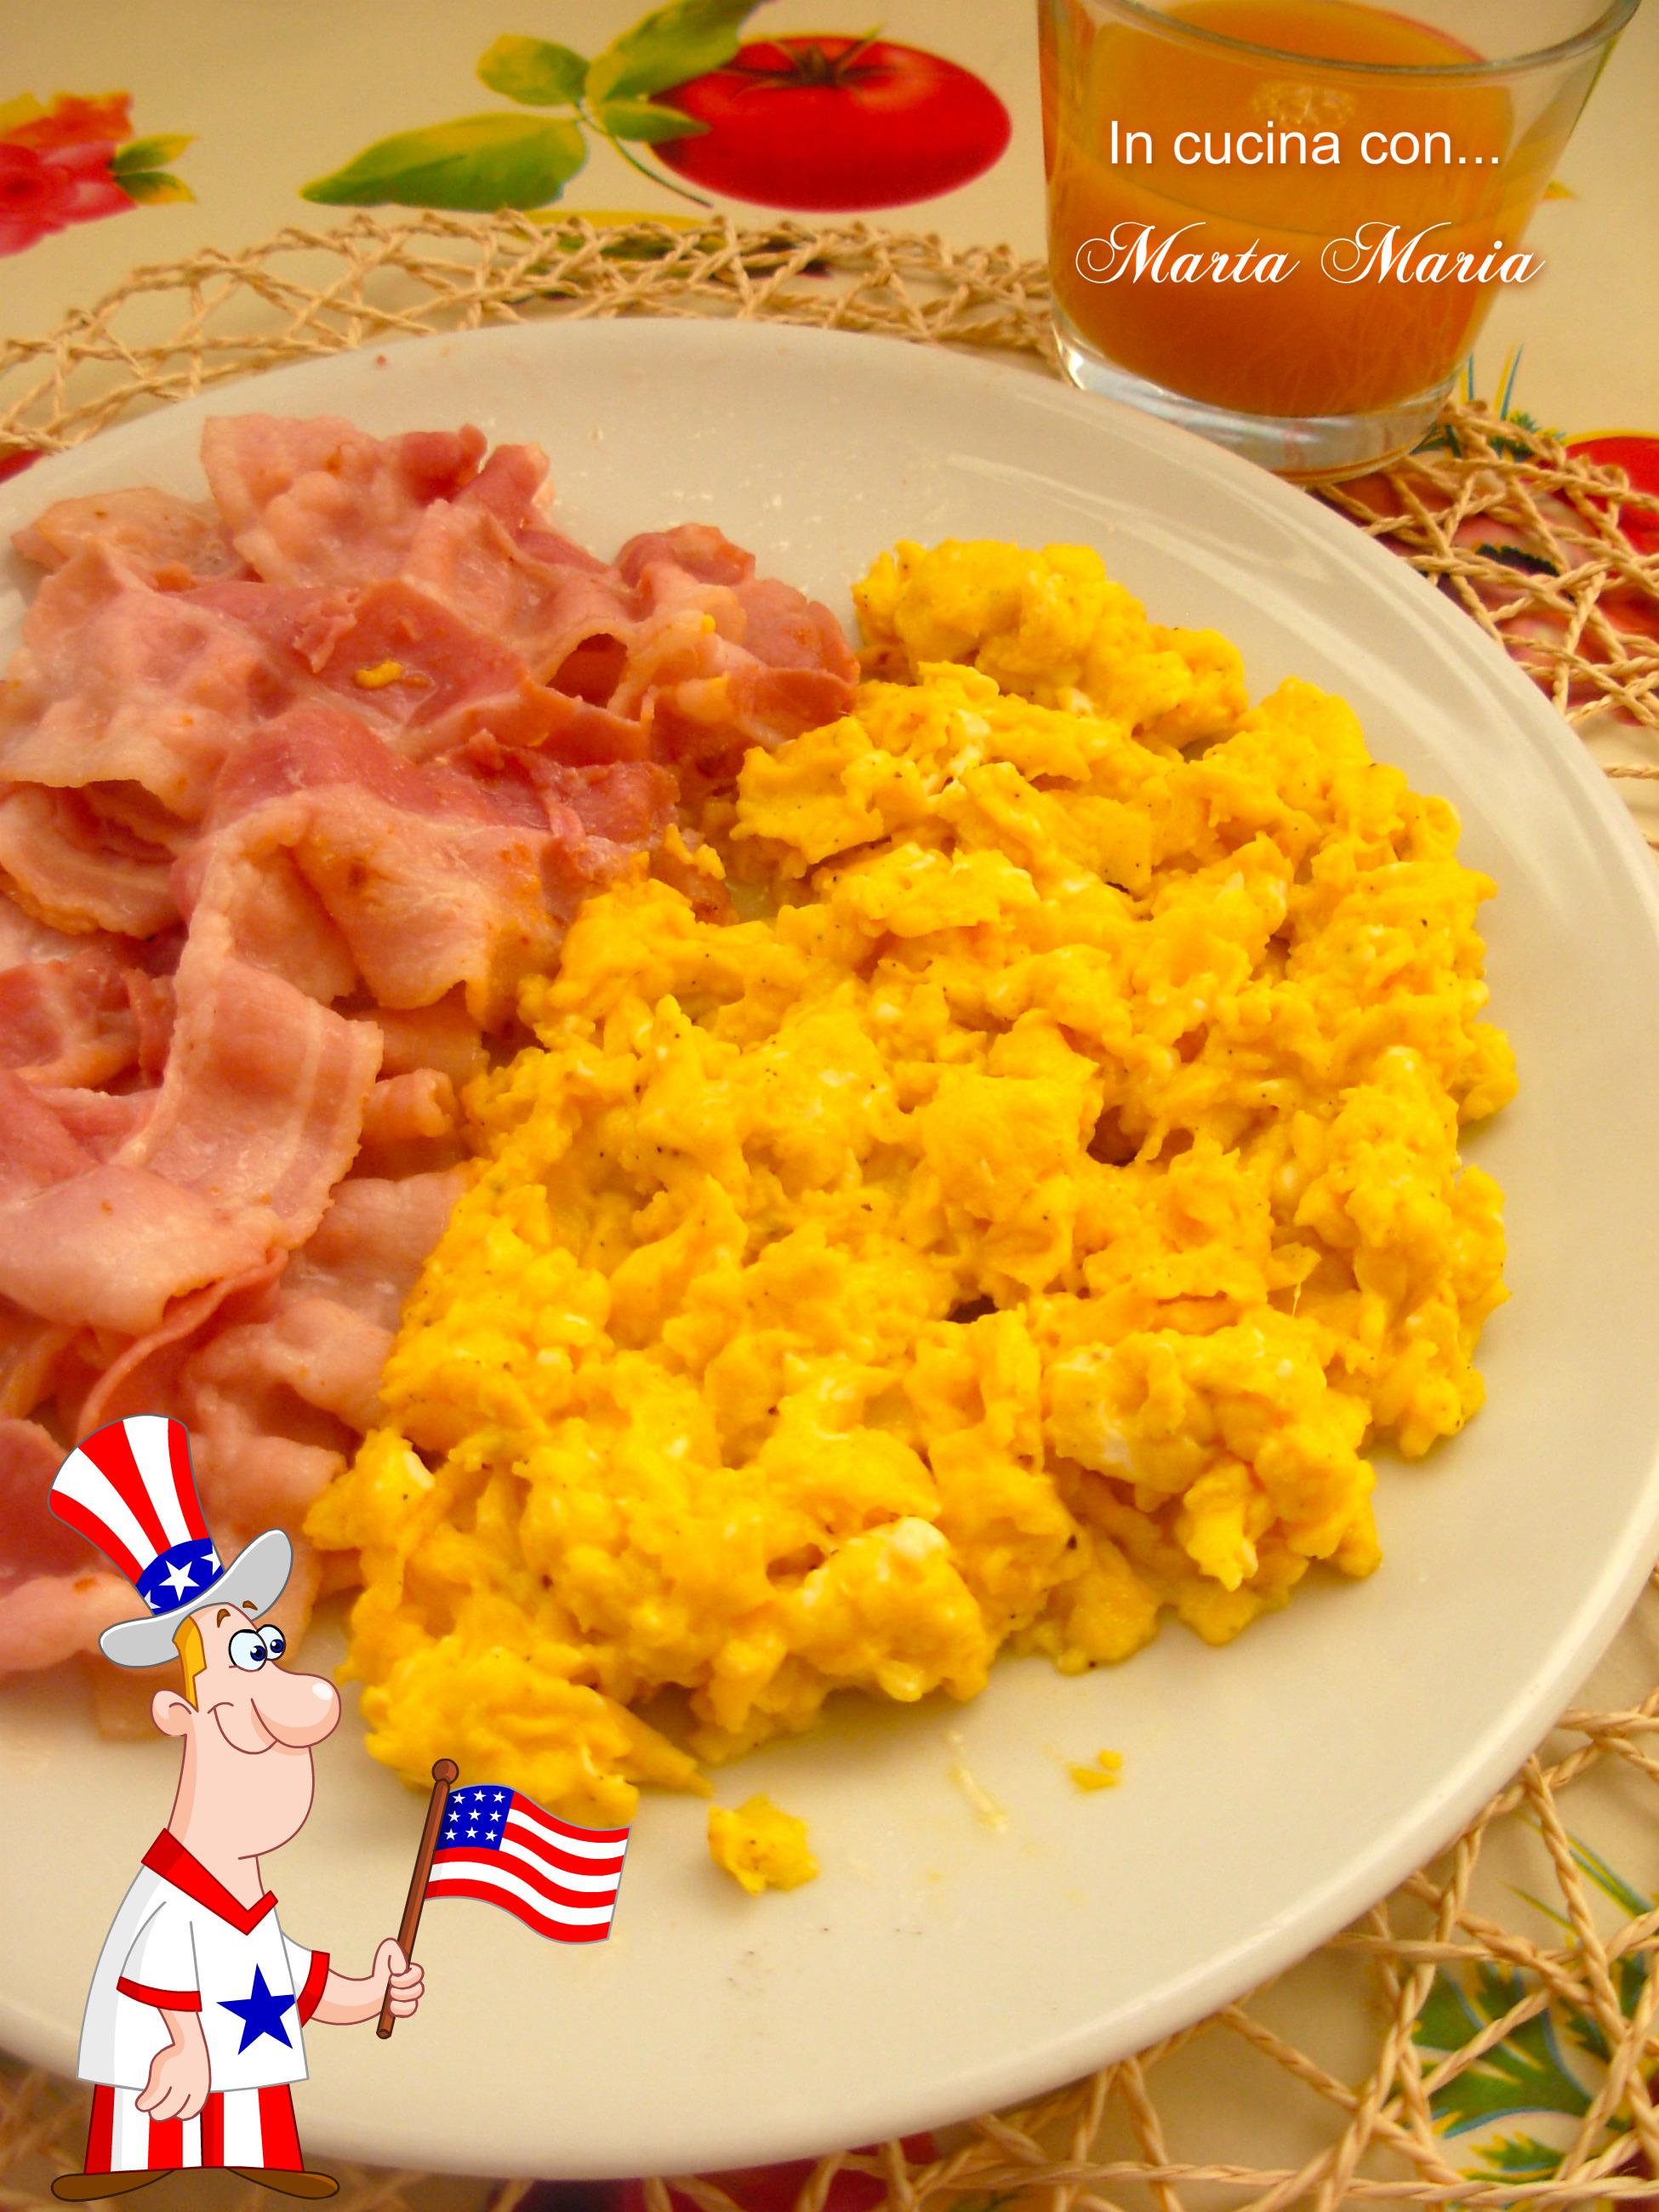 Ricetta Per Uova Strapazzate Giallozafferano.Uova Strapazzate E Bacon Ricetta Facile In Cucina Con Marta Maria